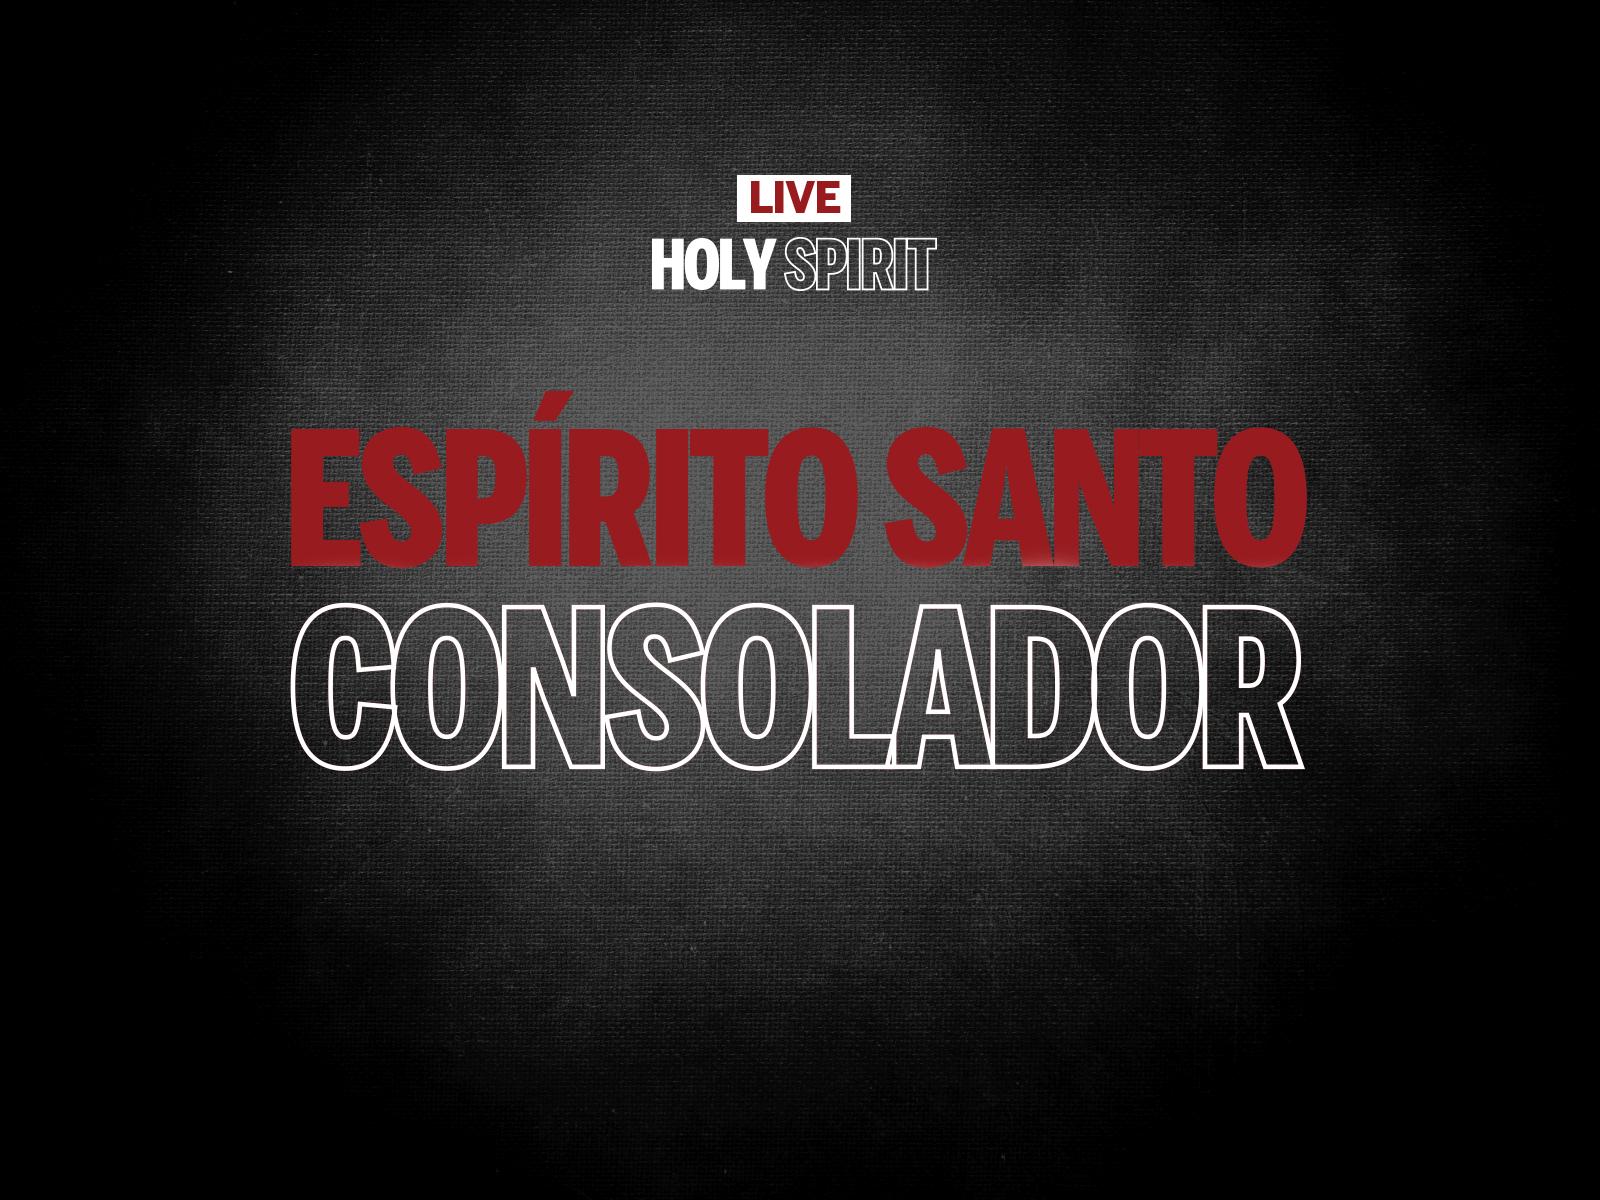 live_espiritoconsolador_holyspirit